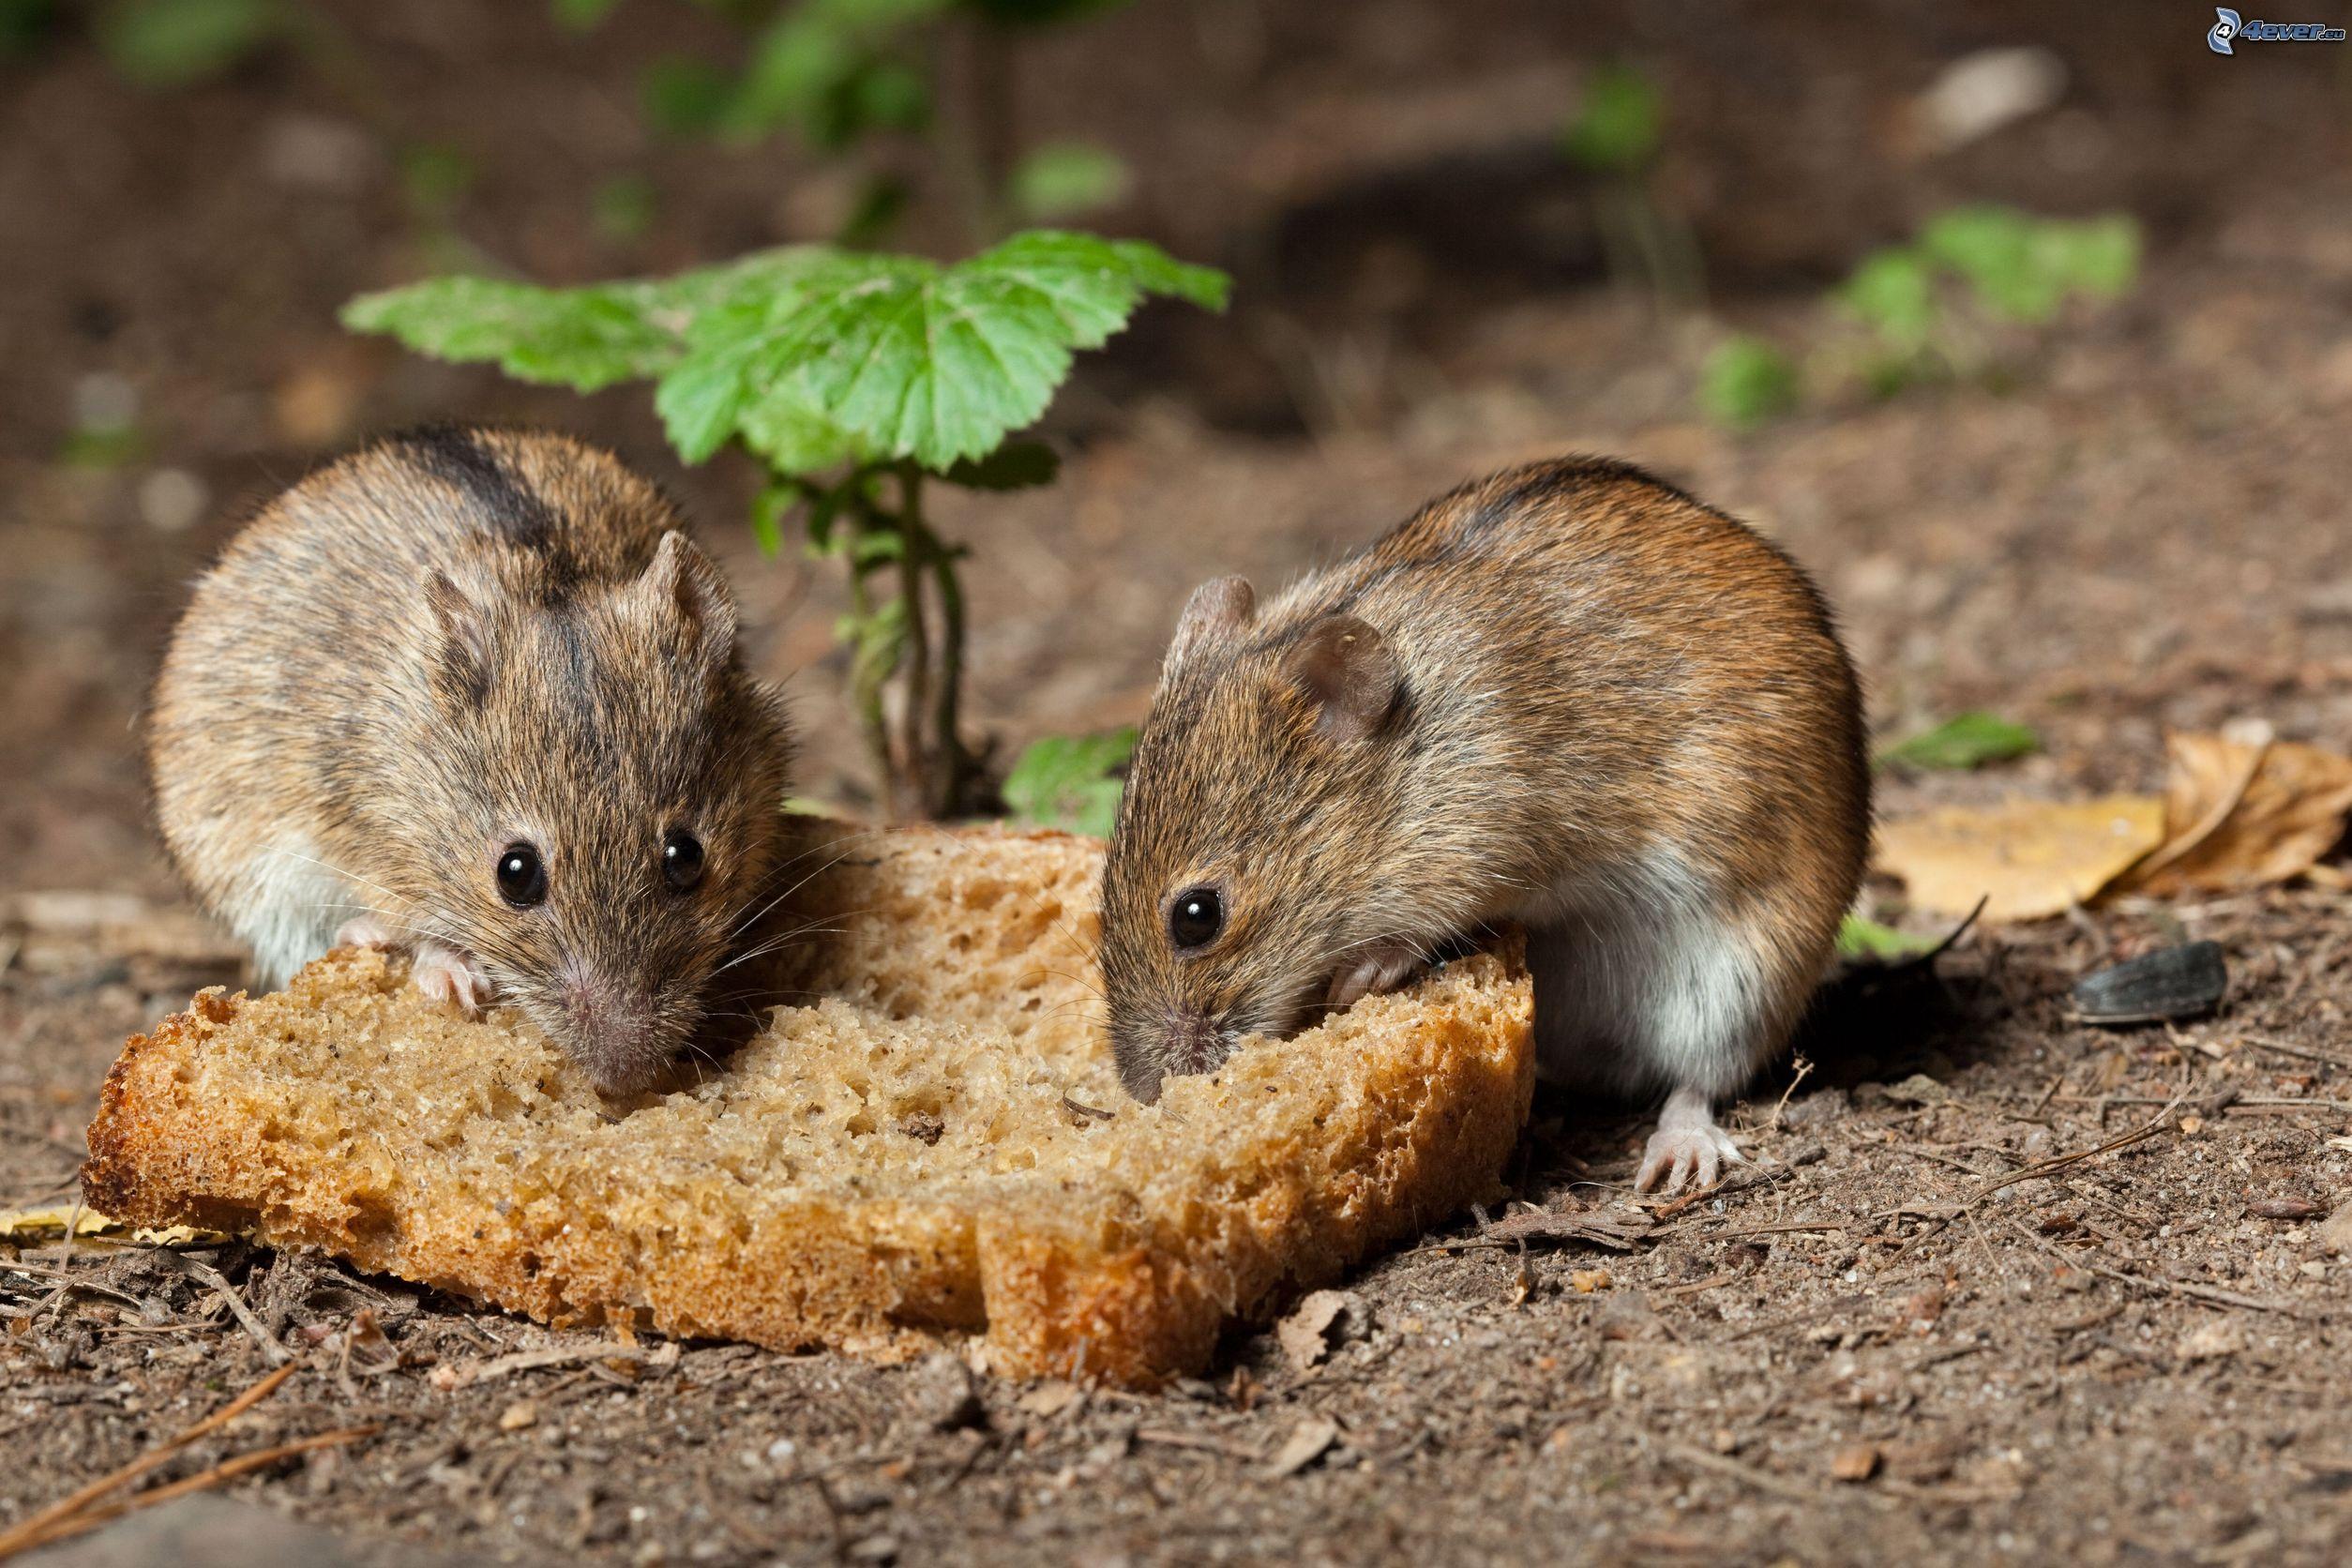 Como combatir ratas y ratones ecol gicamente la huertina for Ahuyentar ratas jardin